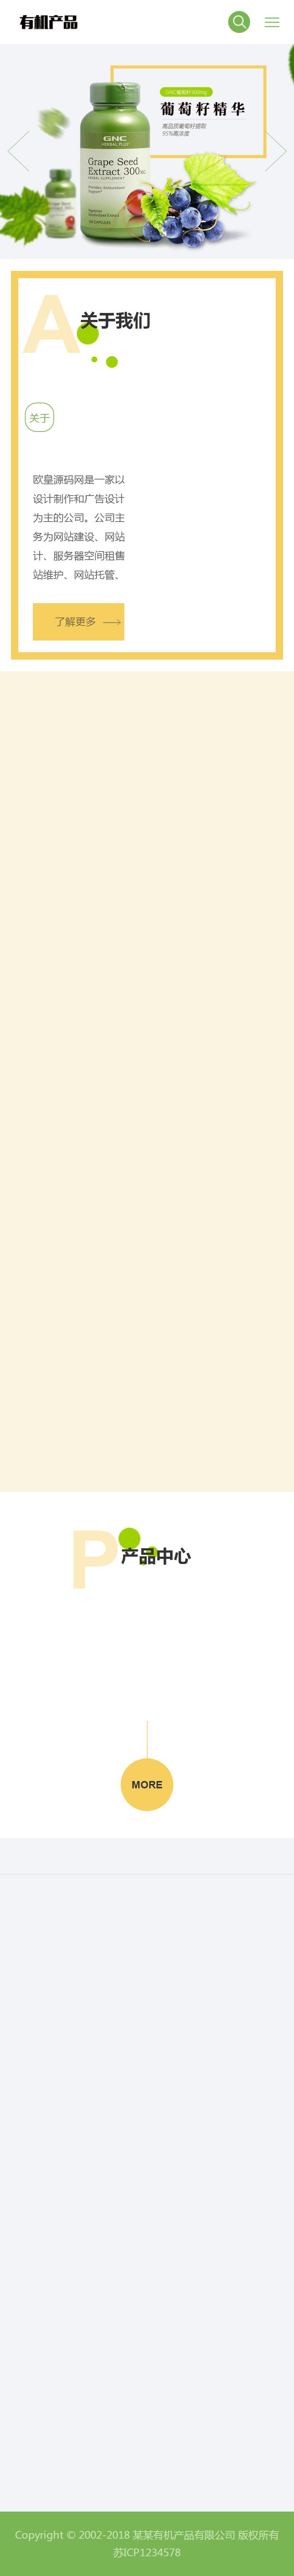 织梦有机生物网站模板